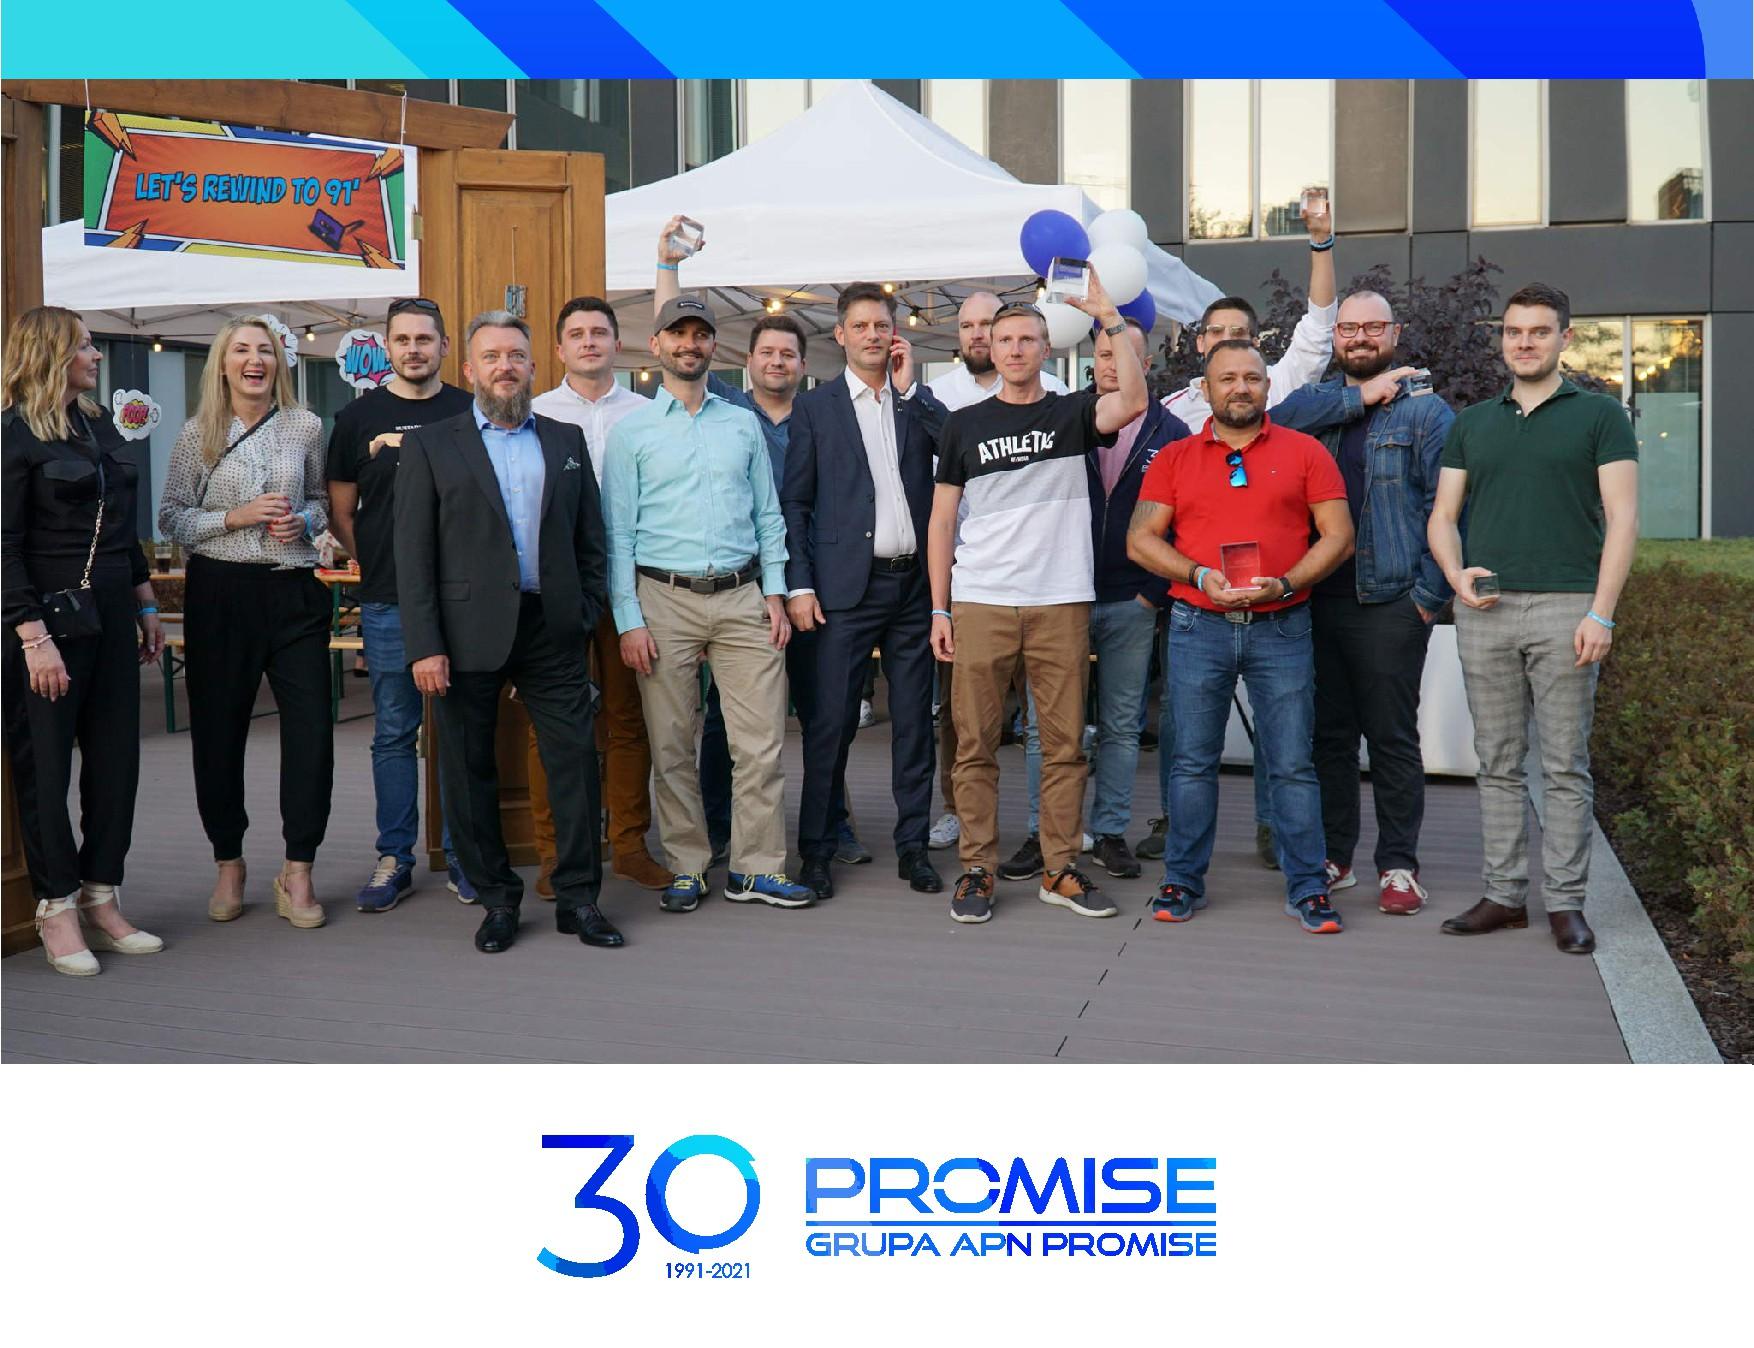 apn-promise-30-lat